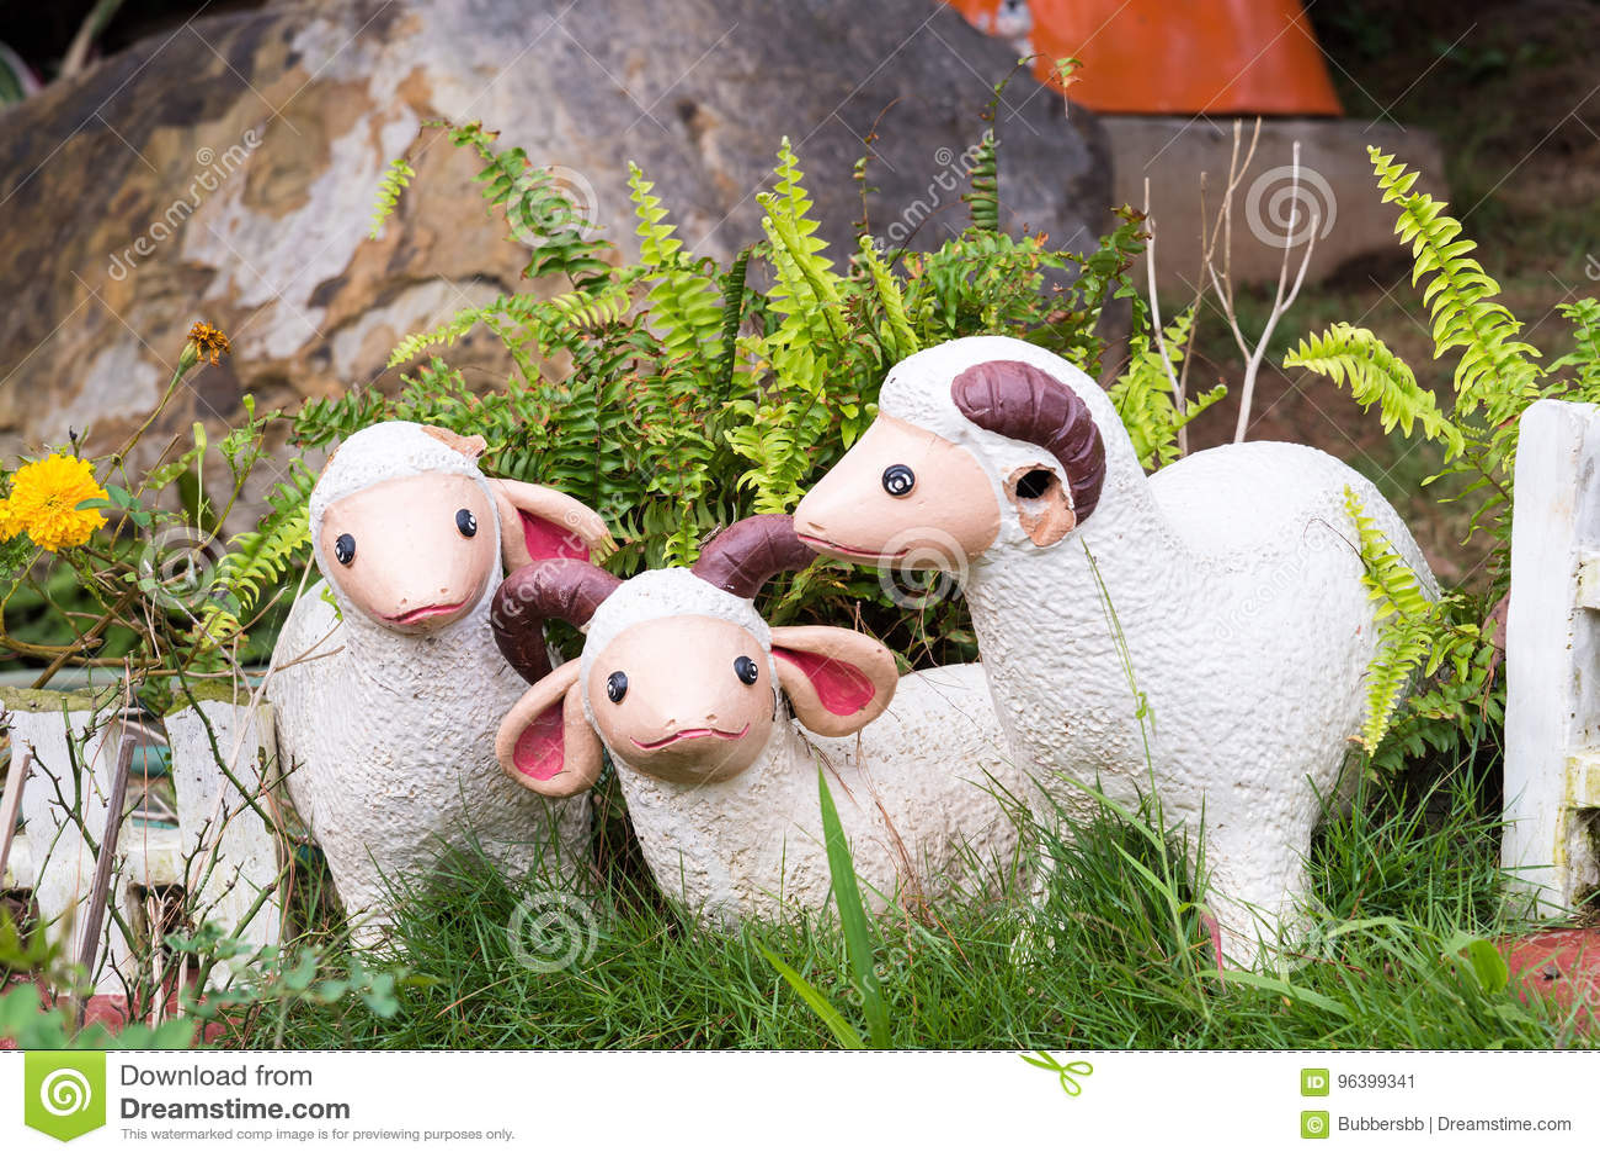 Statua dell agnello nel giardino thailand